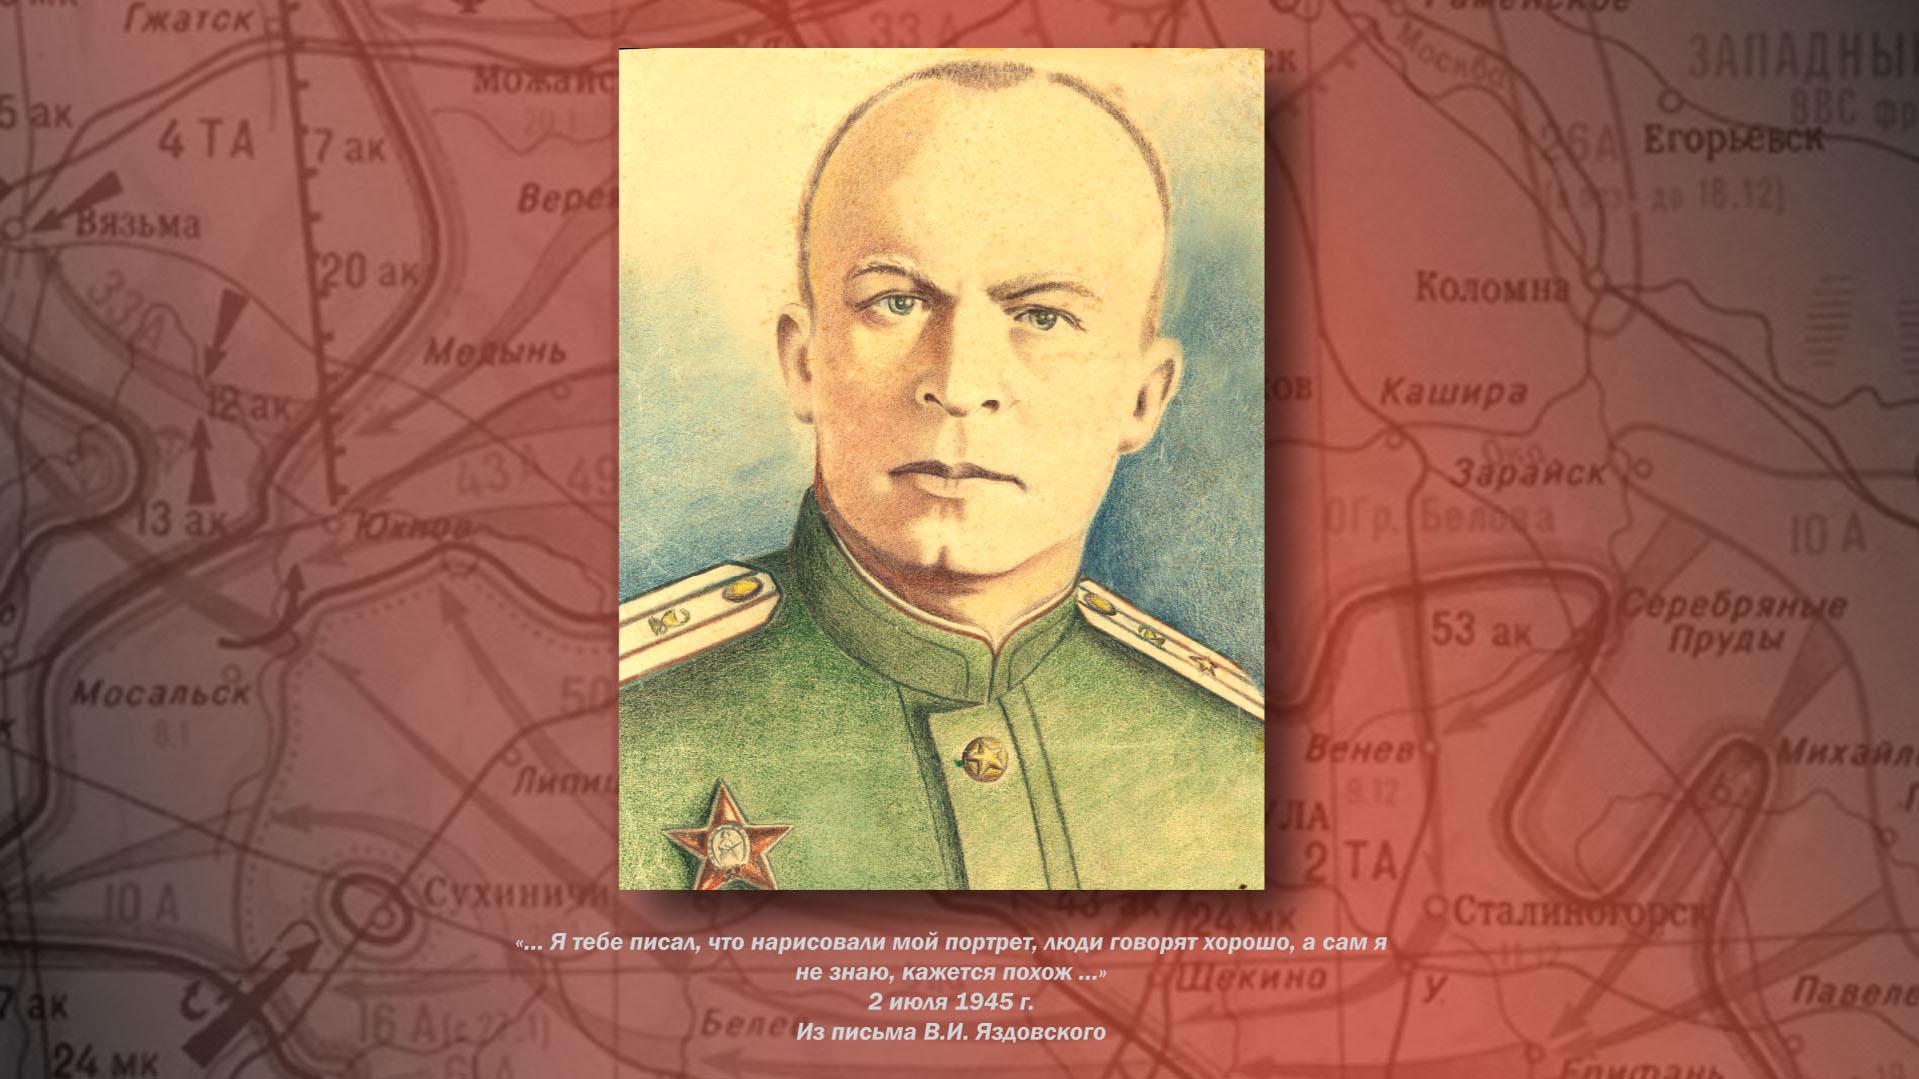 Из письма В.И. Яздовского